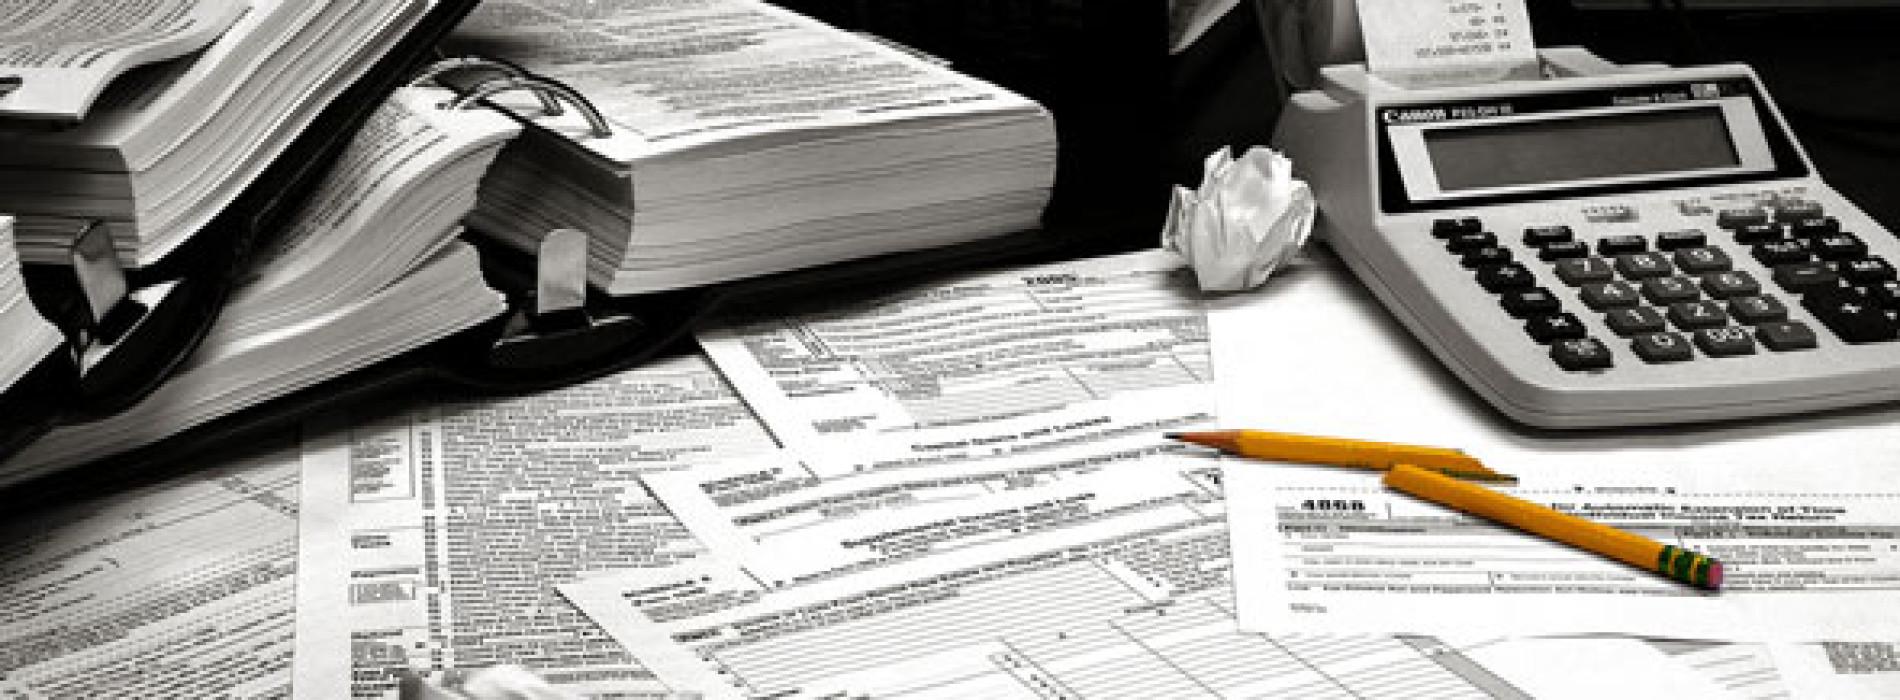 Archiwizowanie dokumentów – kiedy i dlaczego?